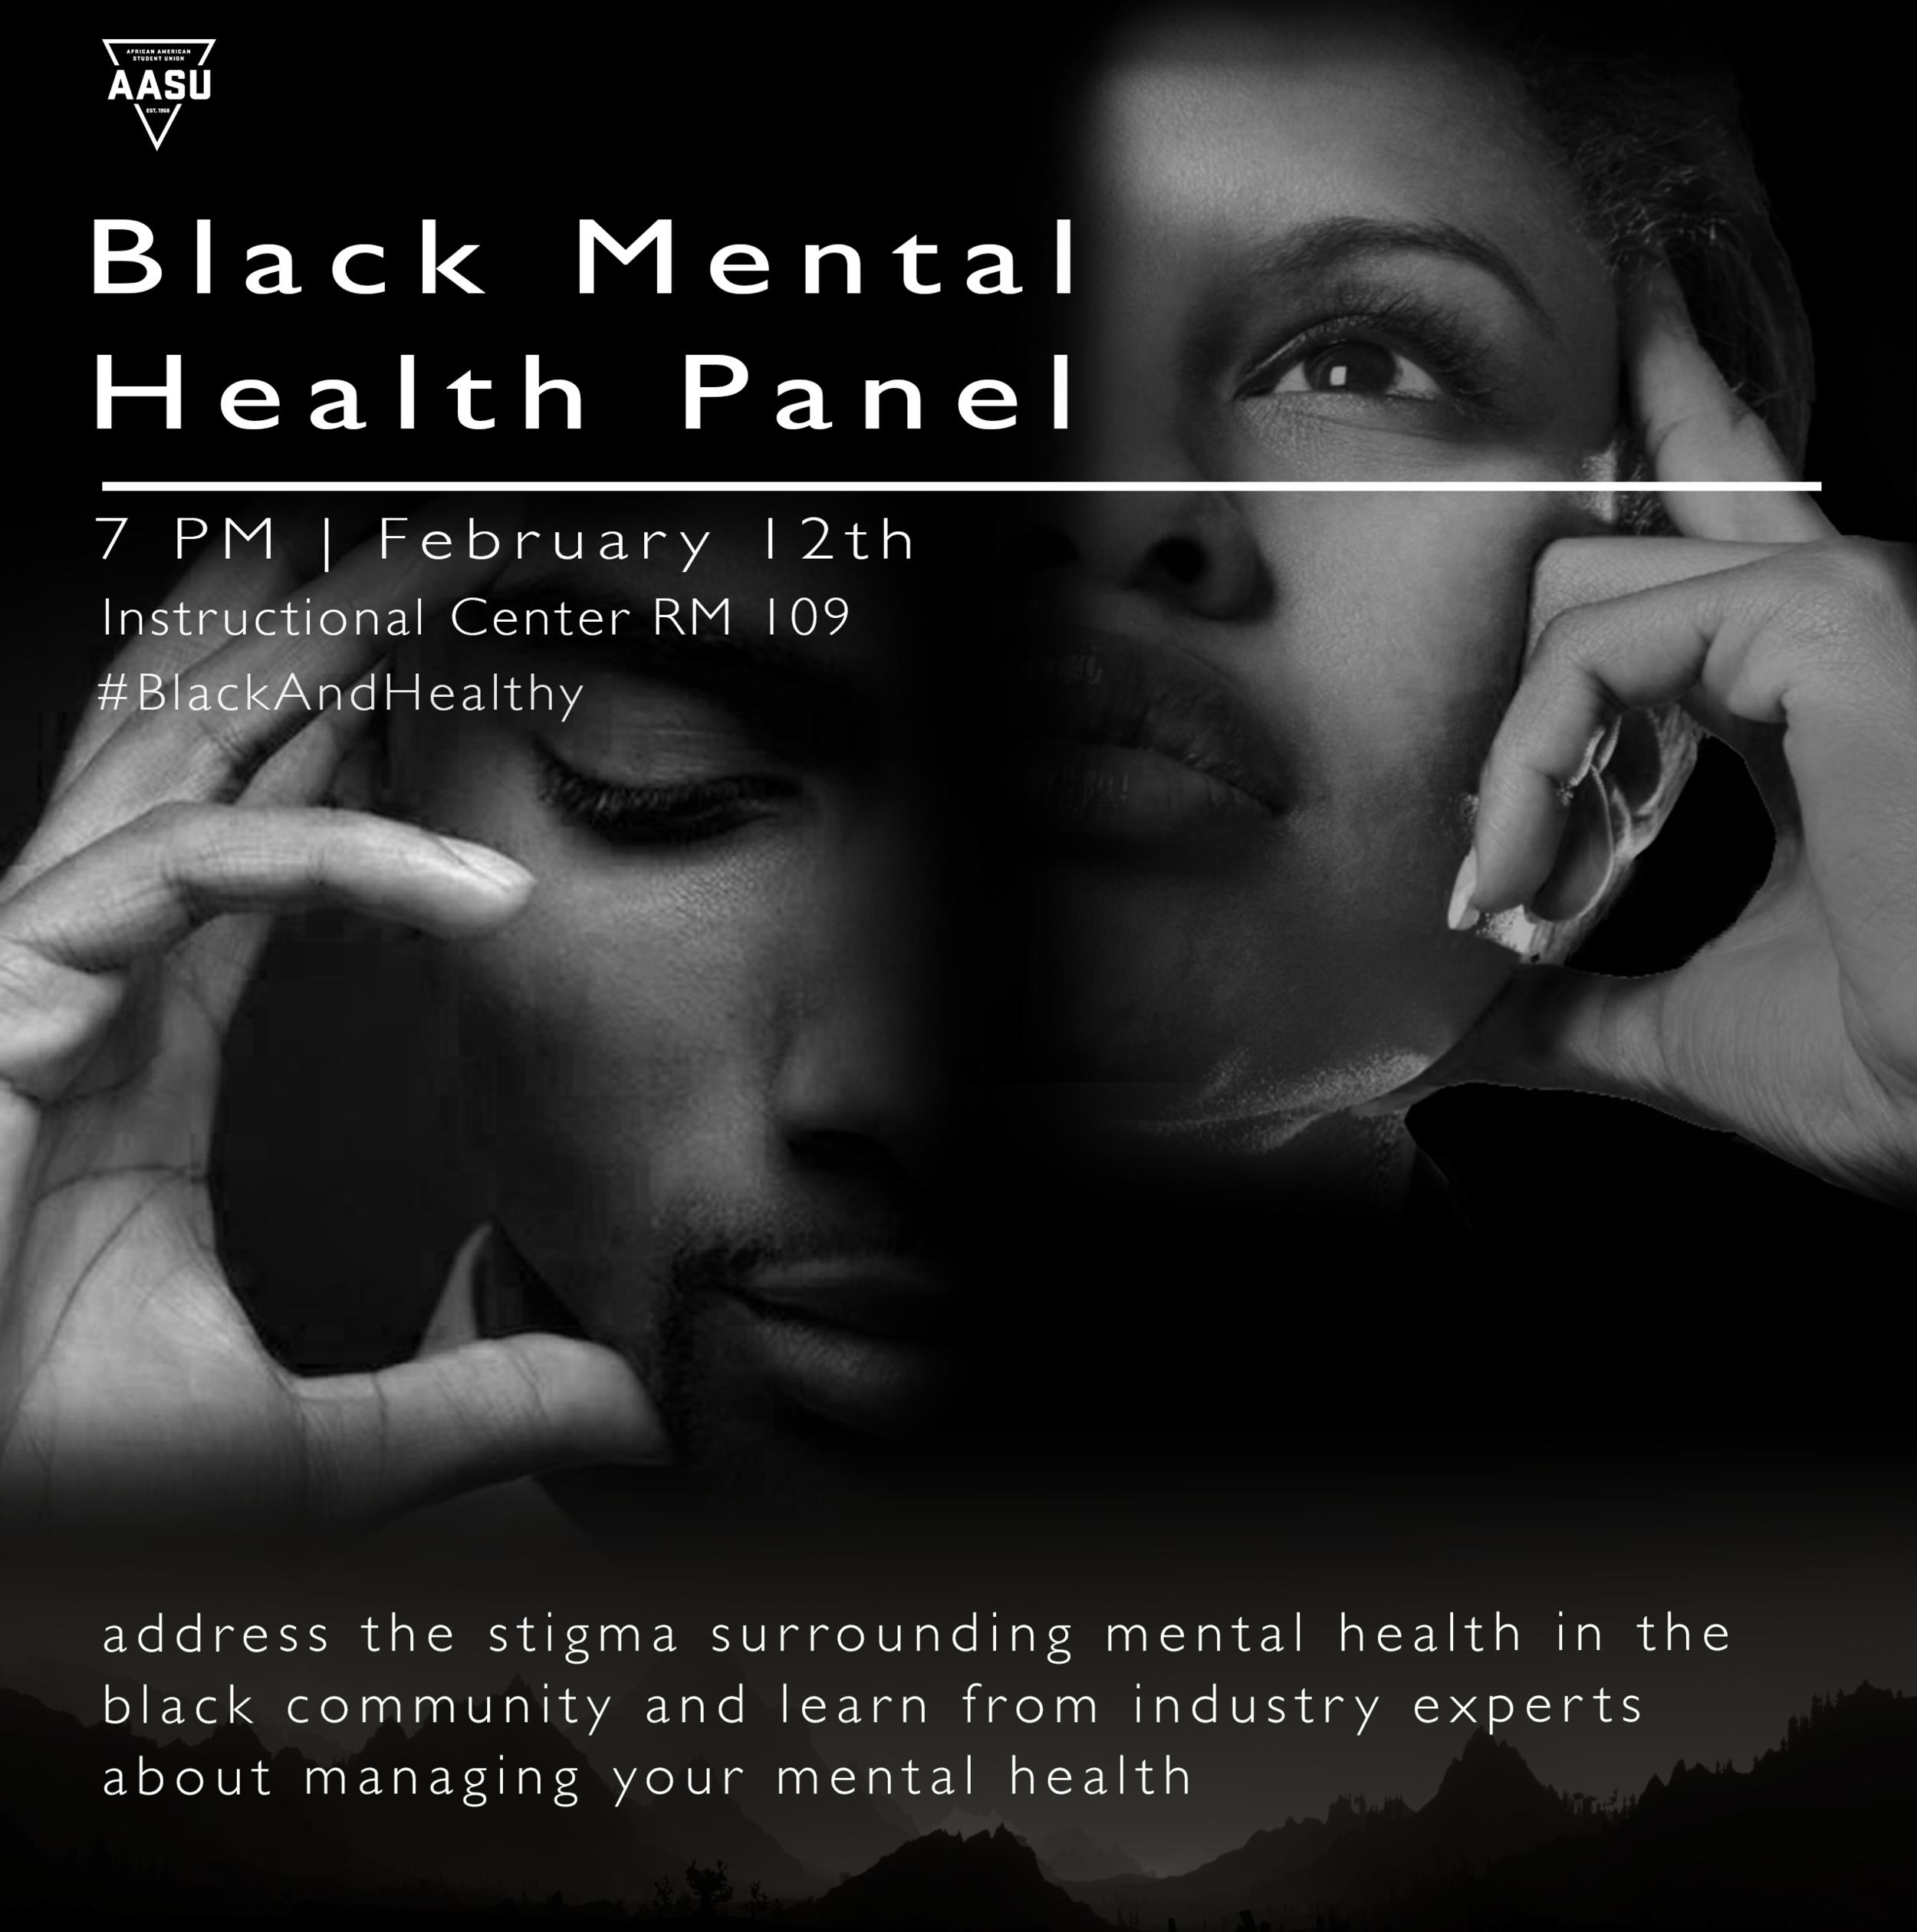 b mental healthT2.png